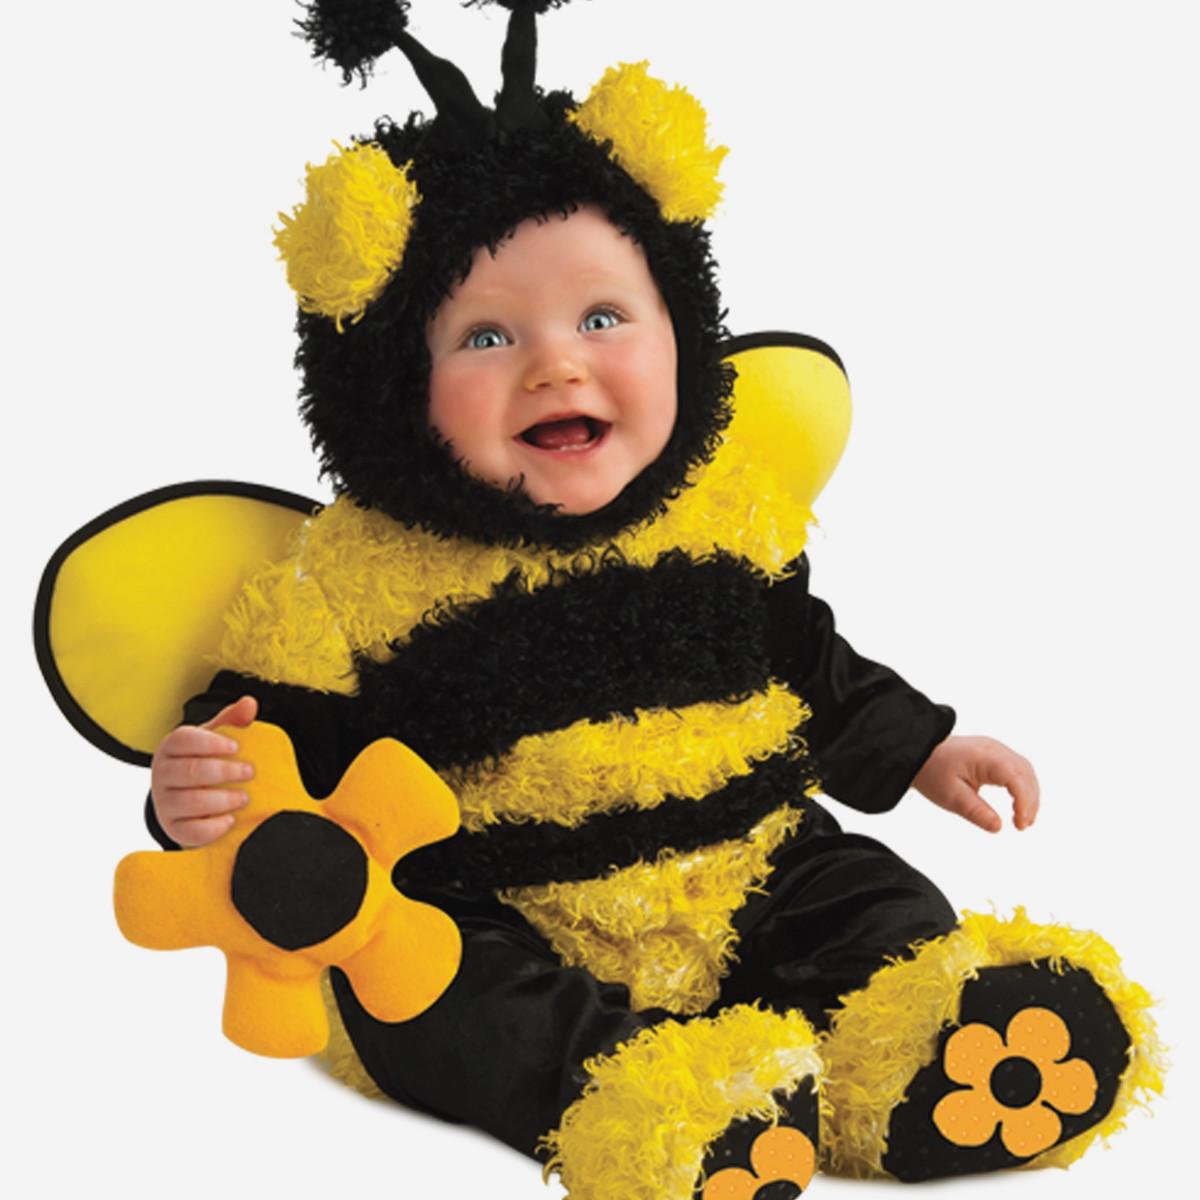 bebes-podem-comer-mel-porque